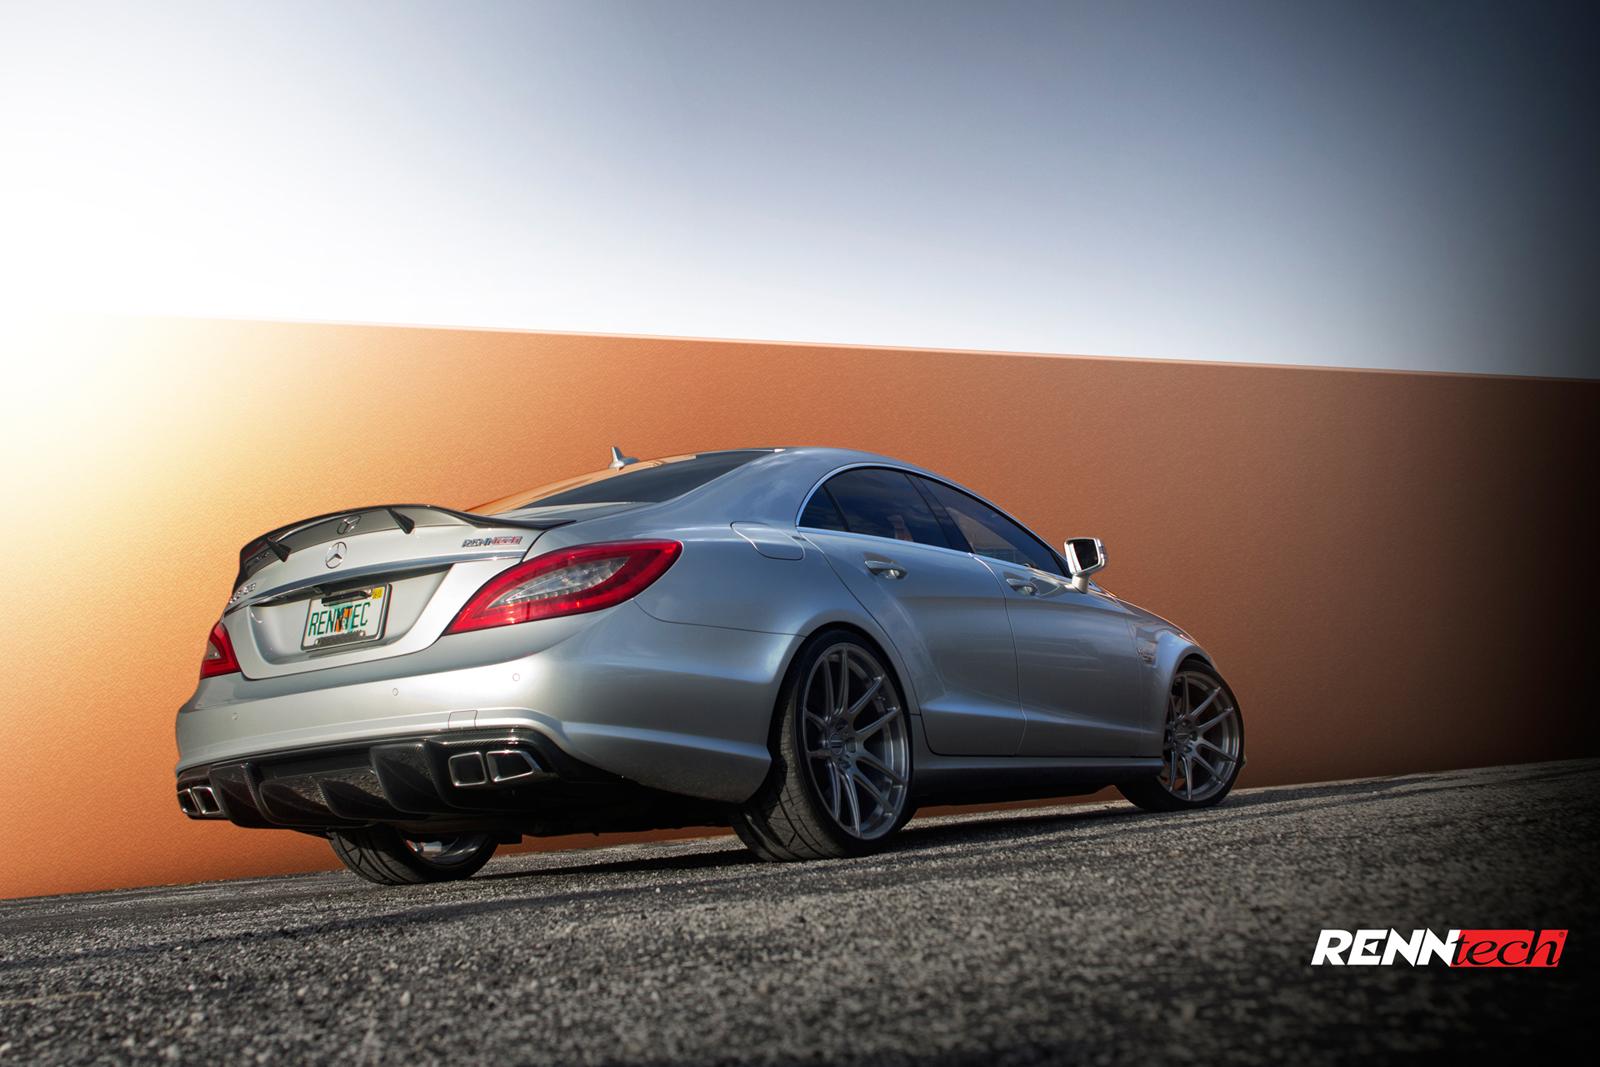 Renntech Adds Carbon Fiber Details To The Mercedes Benz